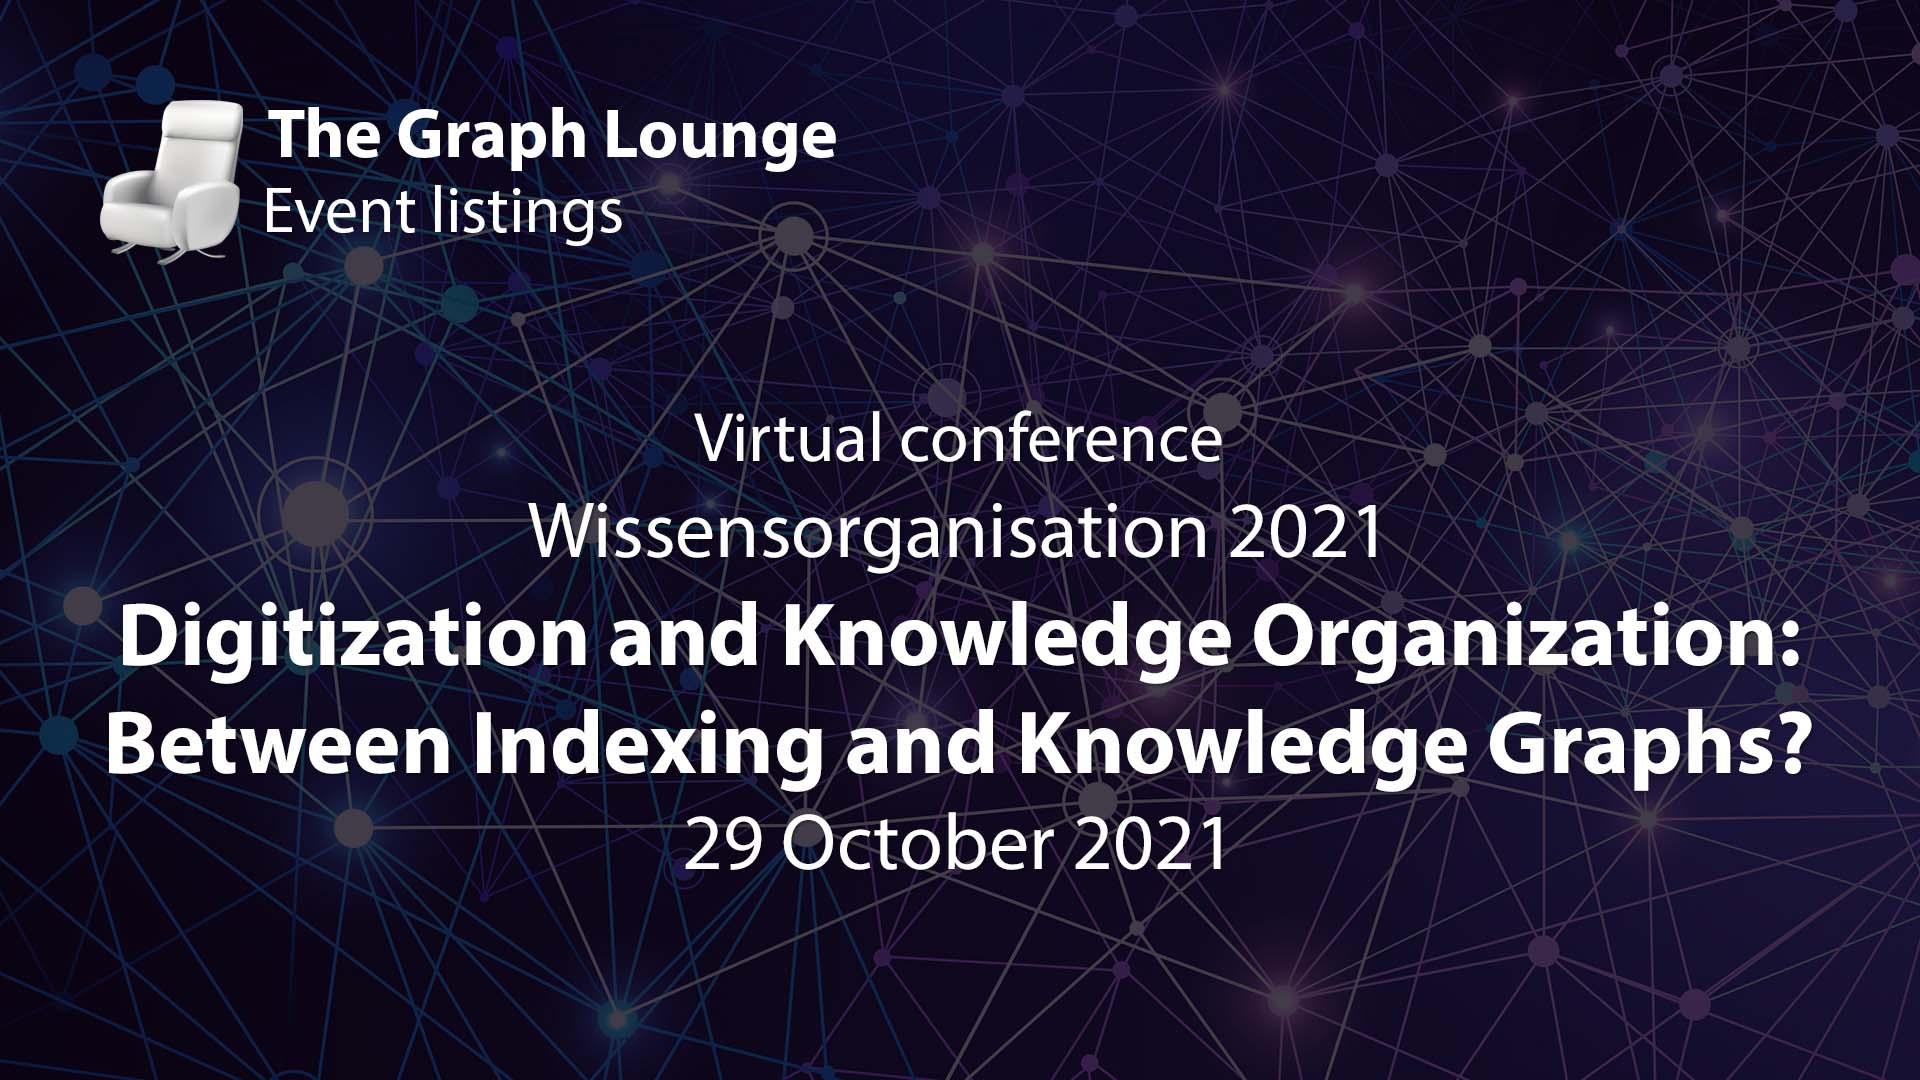 Wissensorganisation 2021 - Digitization and Knowledge Organization: Between Indexing and Knowledge Graphs?